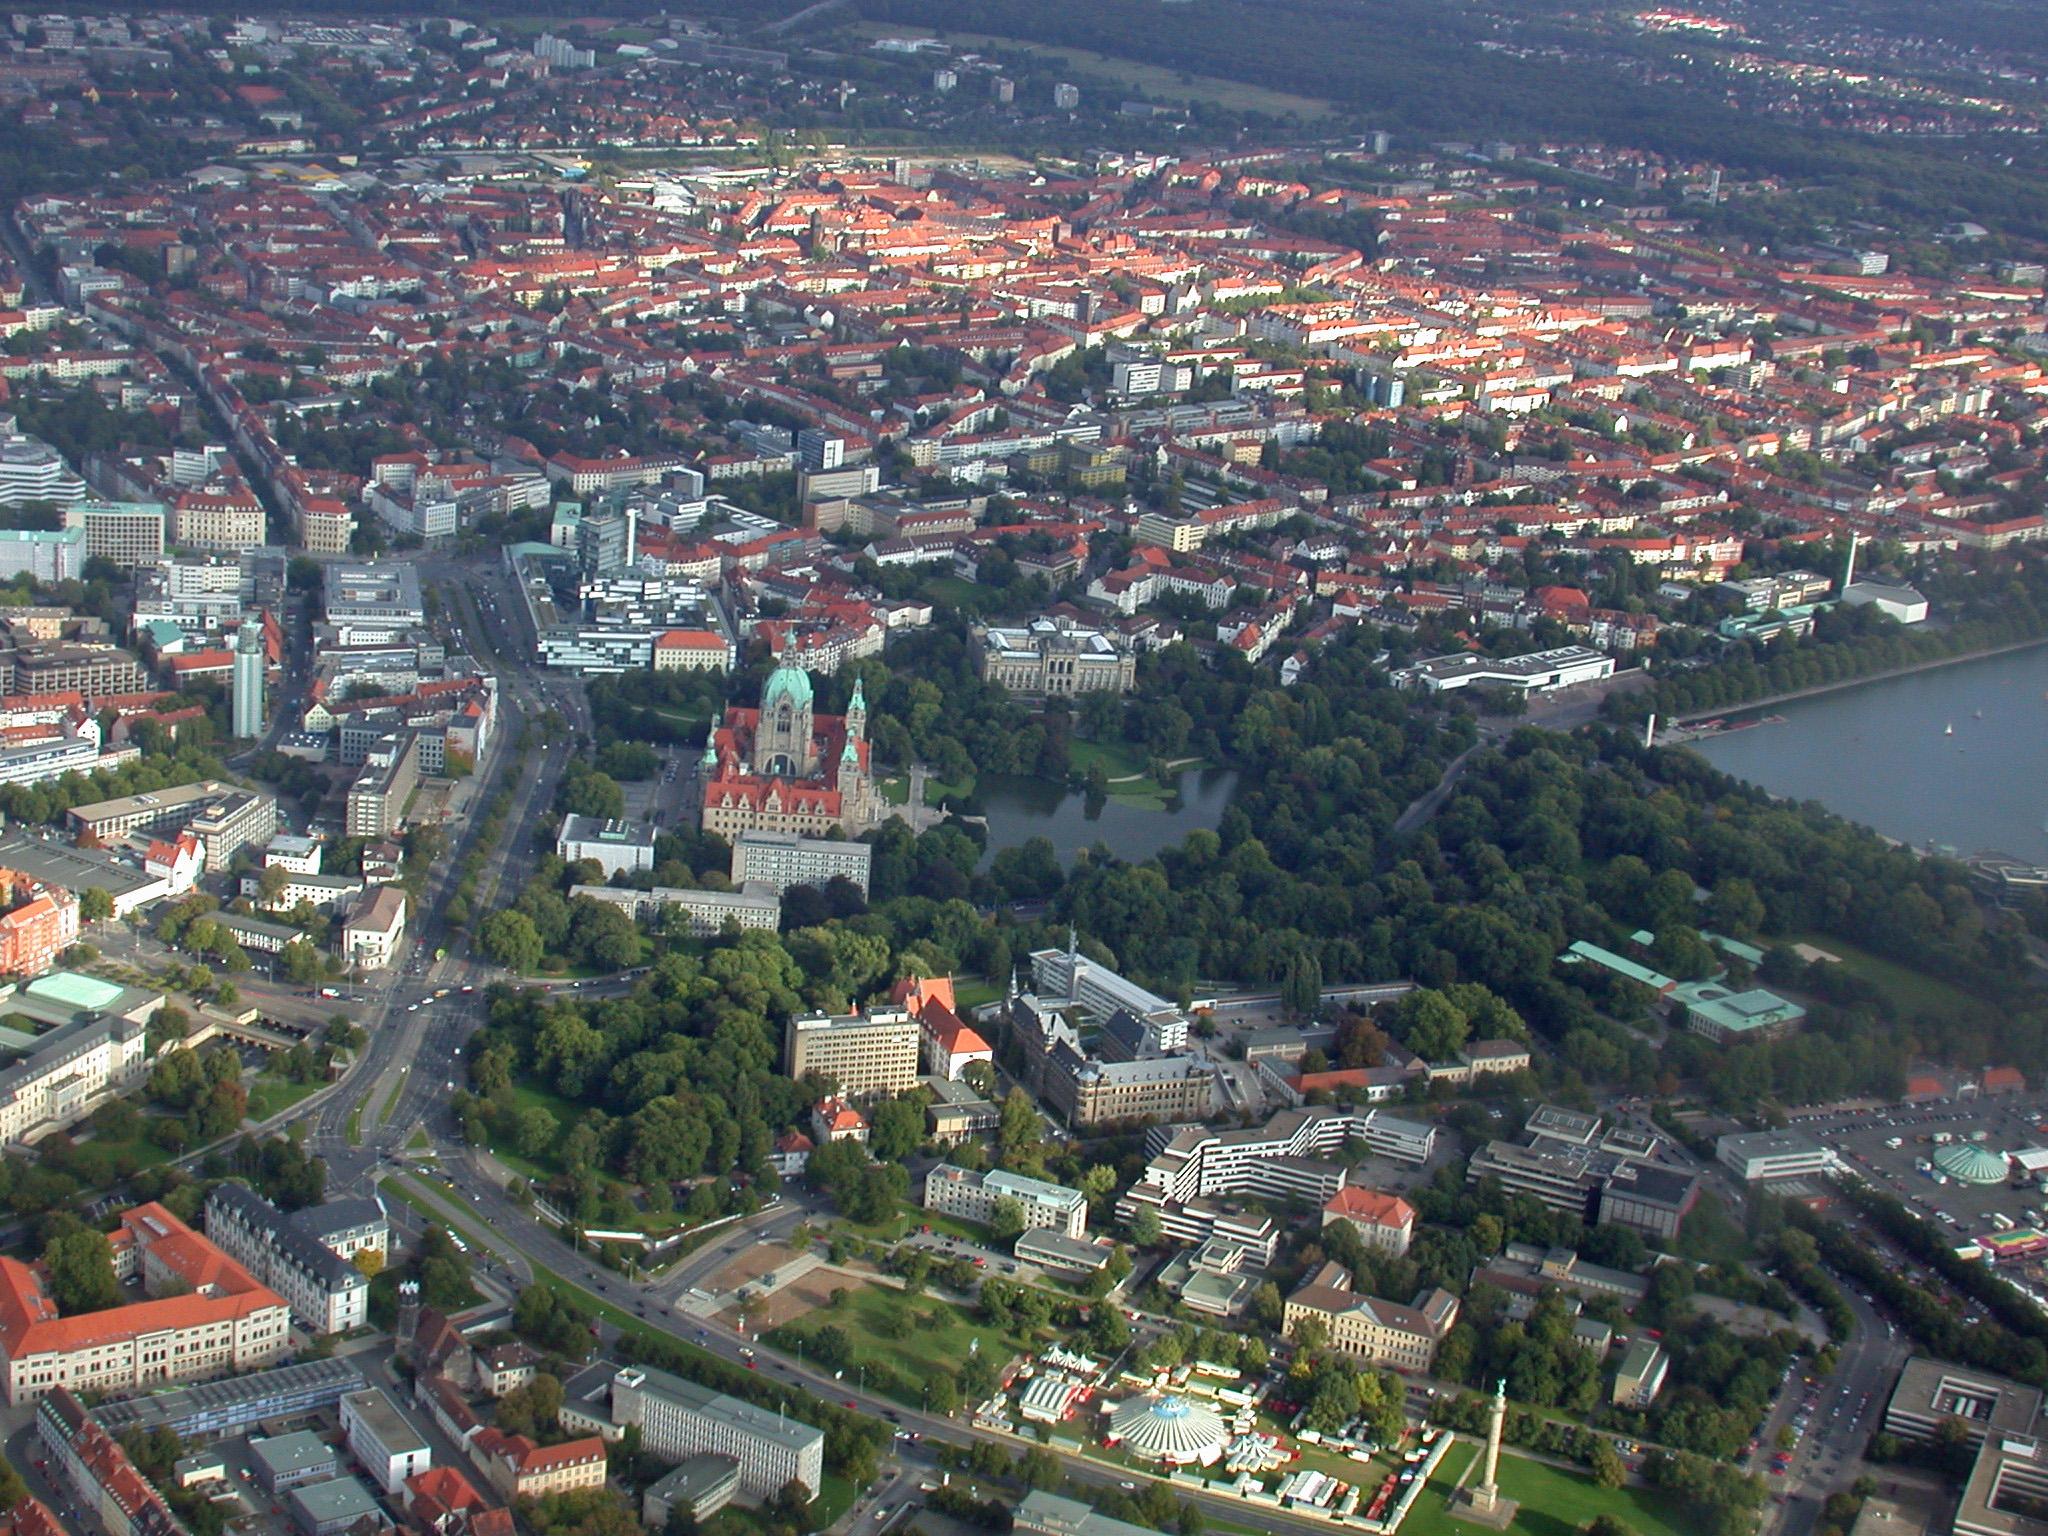 Neues Rathaus mit Maschpark, Aegidienkirche, Verwaltungsgebäude der Nord/LB, Landesmuseum, Südstadt, rechts der Maschsee